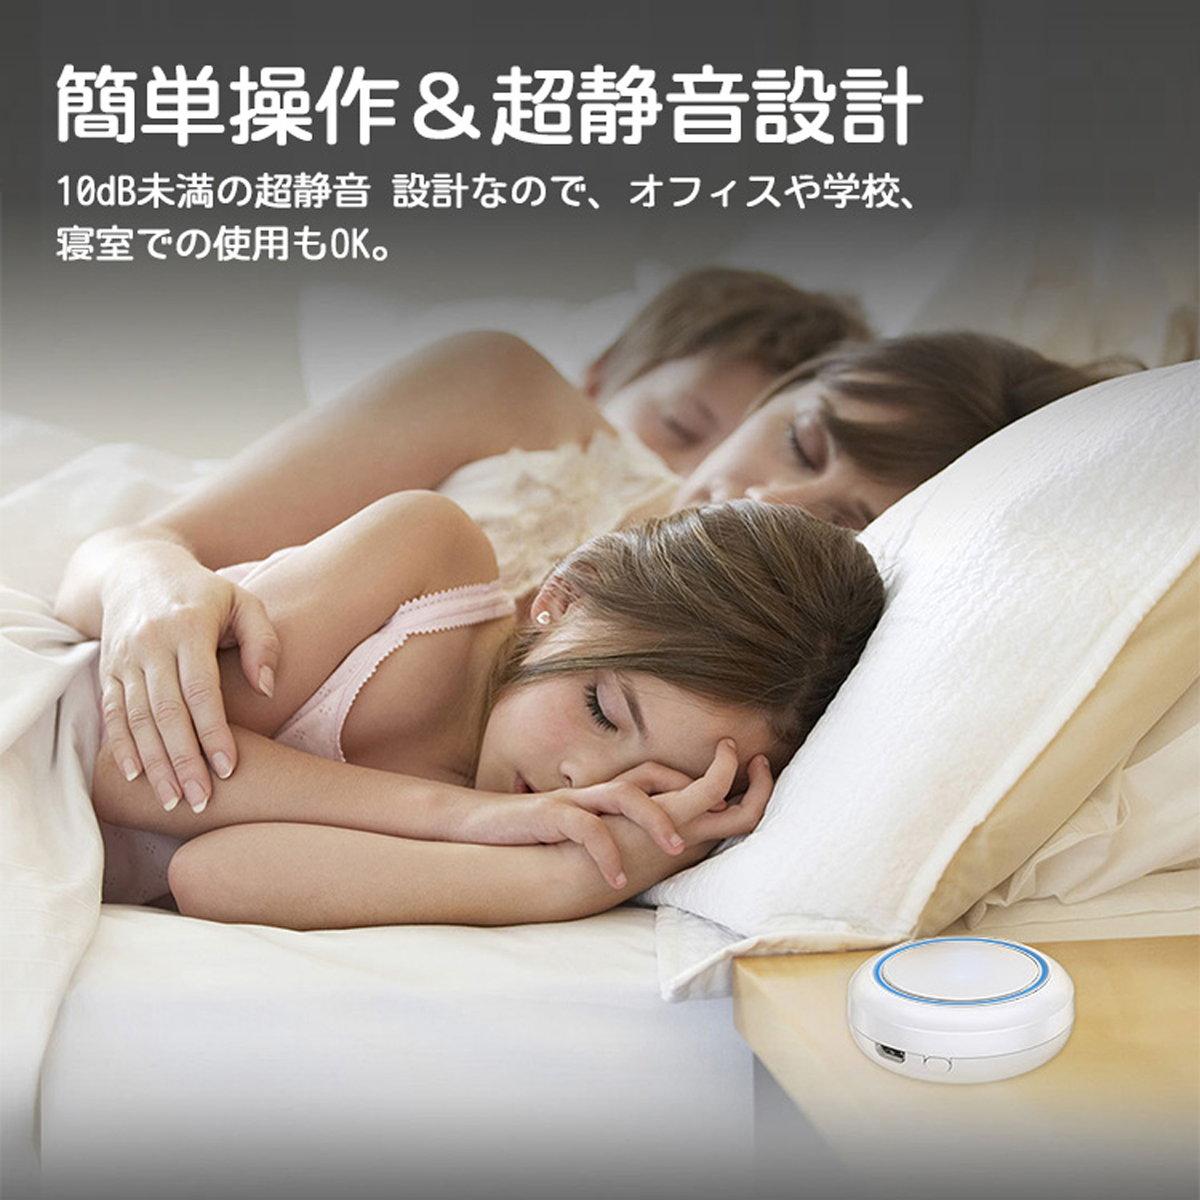 静音設計 10dB未満の静音設計です。寝ている間もご使用できます。